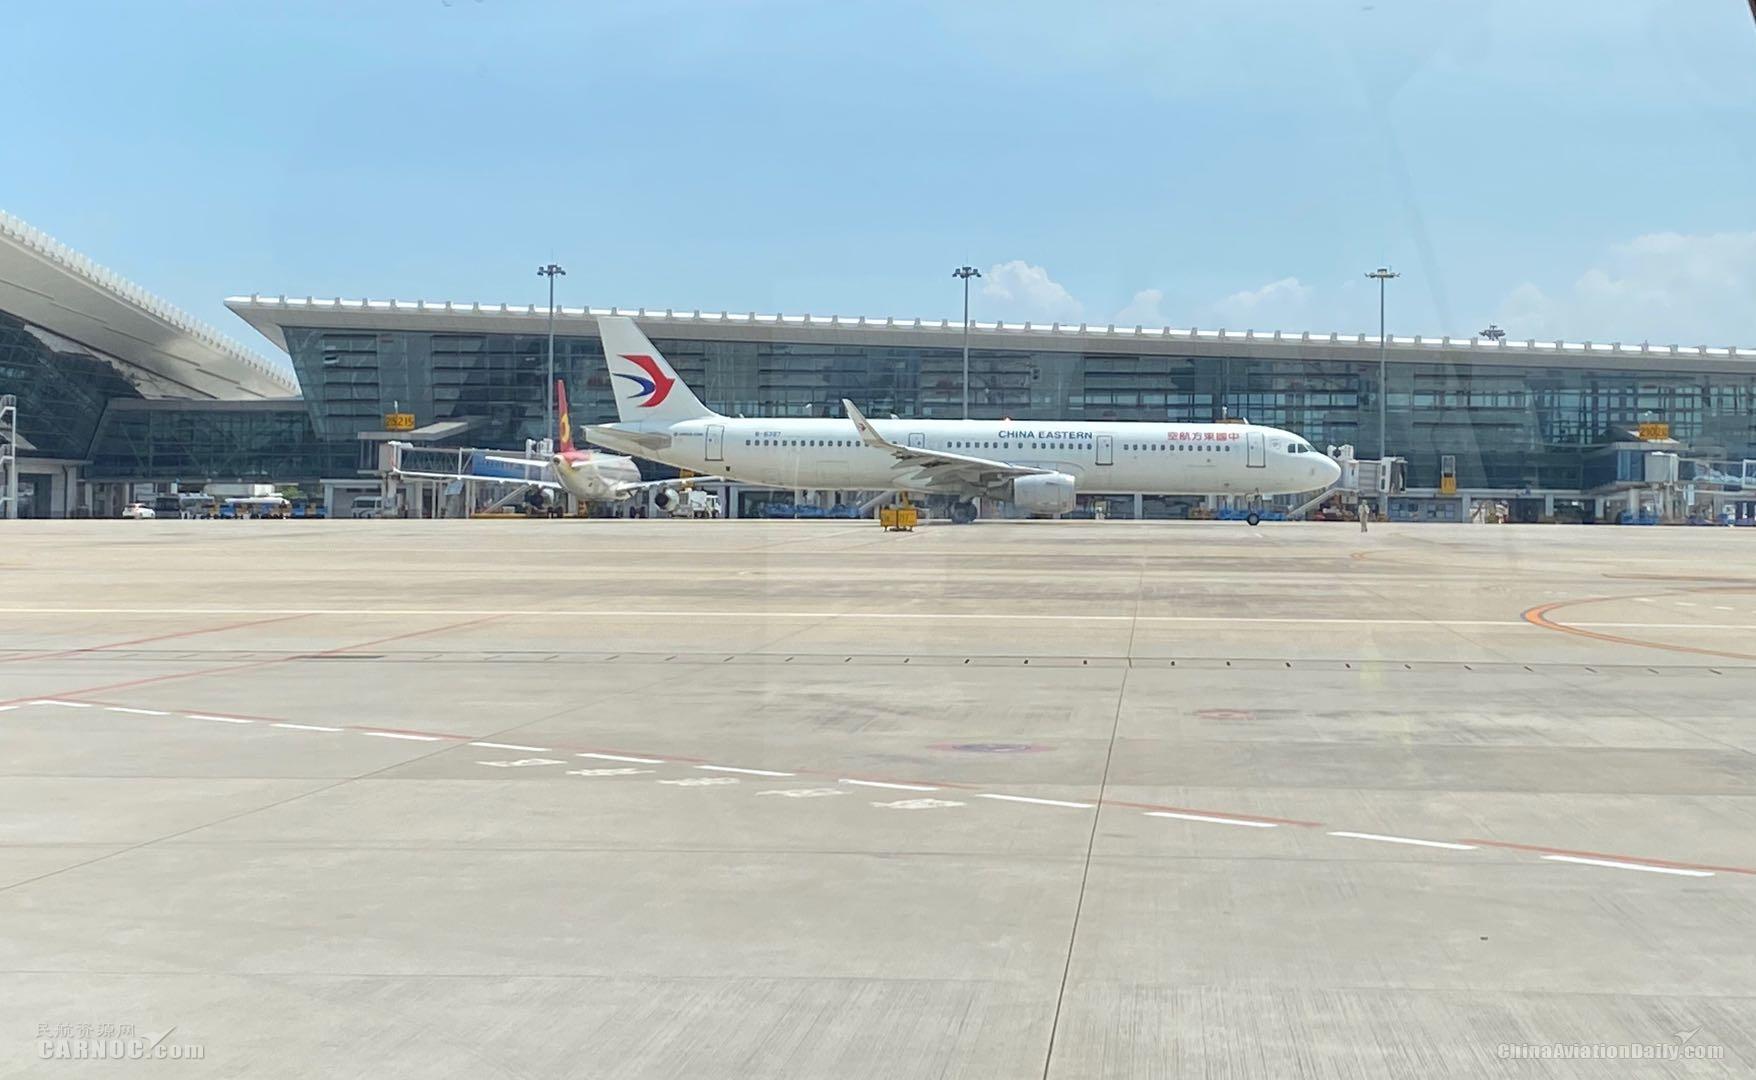 东航厦门分公司正式成立 计划到2025年投入40架飞机